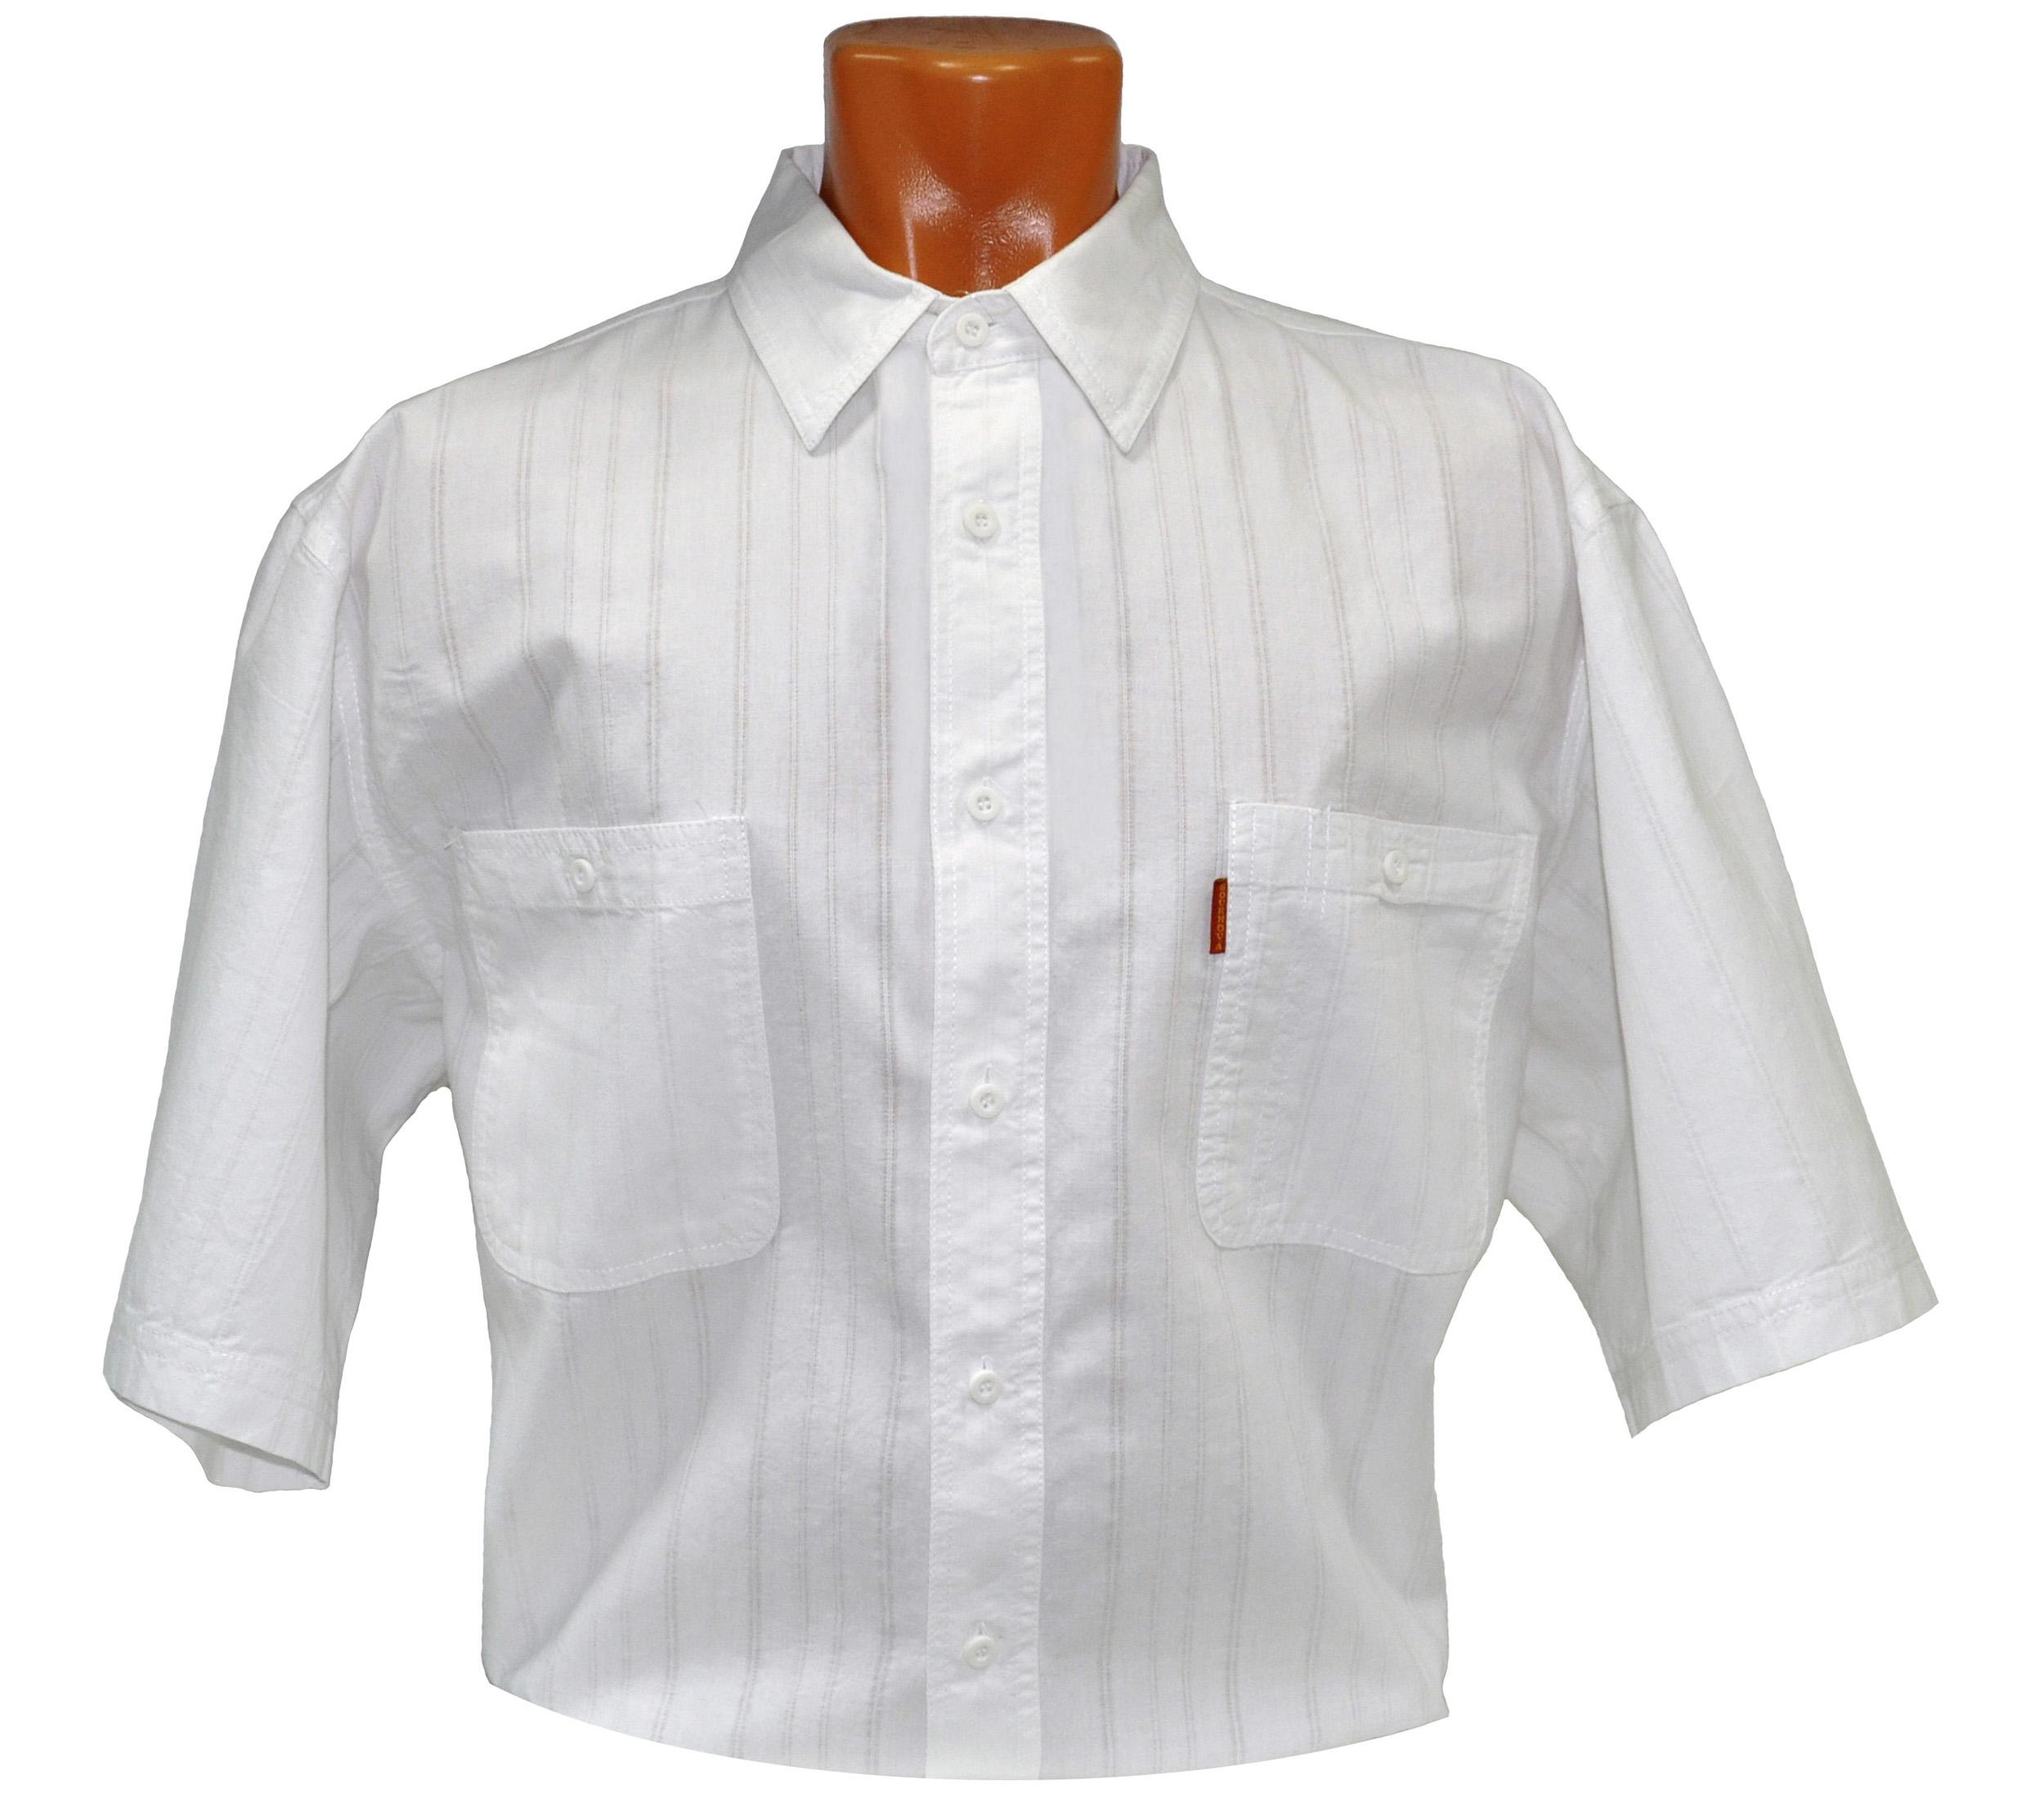 Рубашка мужская с коротким рукавом белого цвета с прострочками. Размер от 46